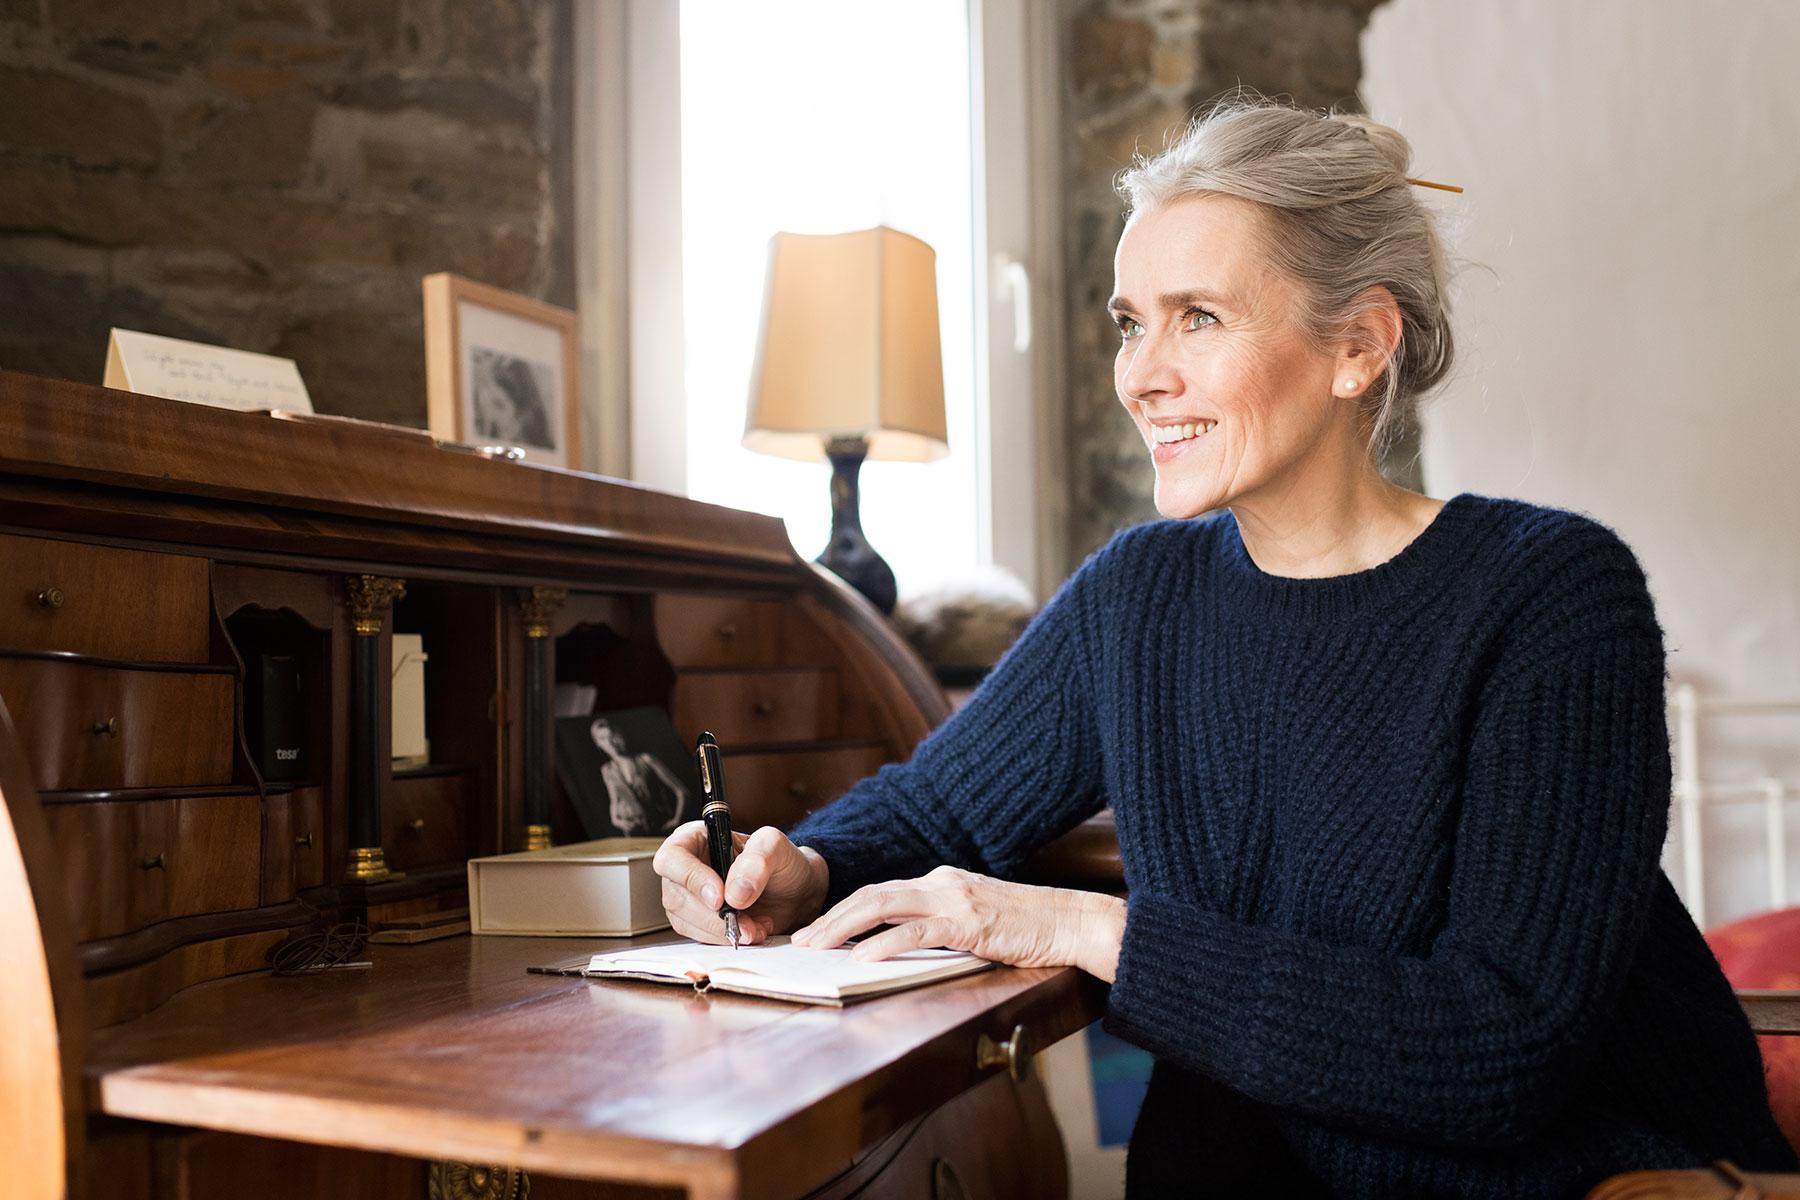 Portraitfoto eine am Schreibtisch am nachdenken mit Fueller